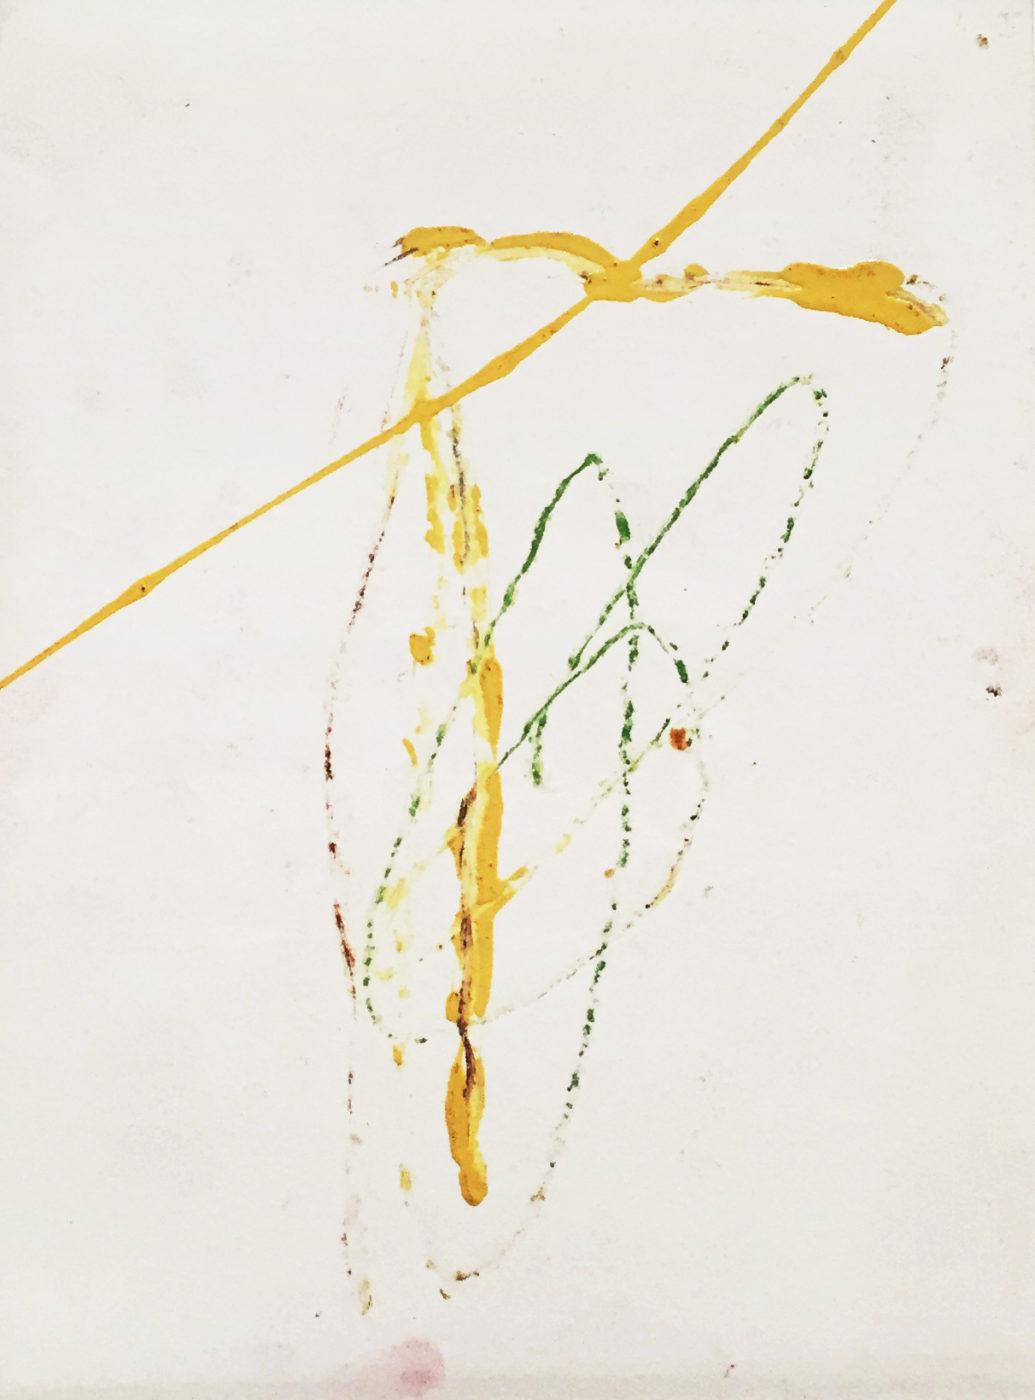 MARC FELD 2012 UN ADIEU 1 Peinture industrielle et crayon de couleur sur papier 24x32 cm